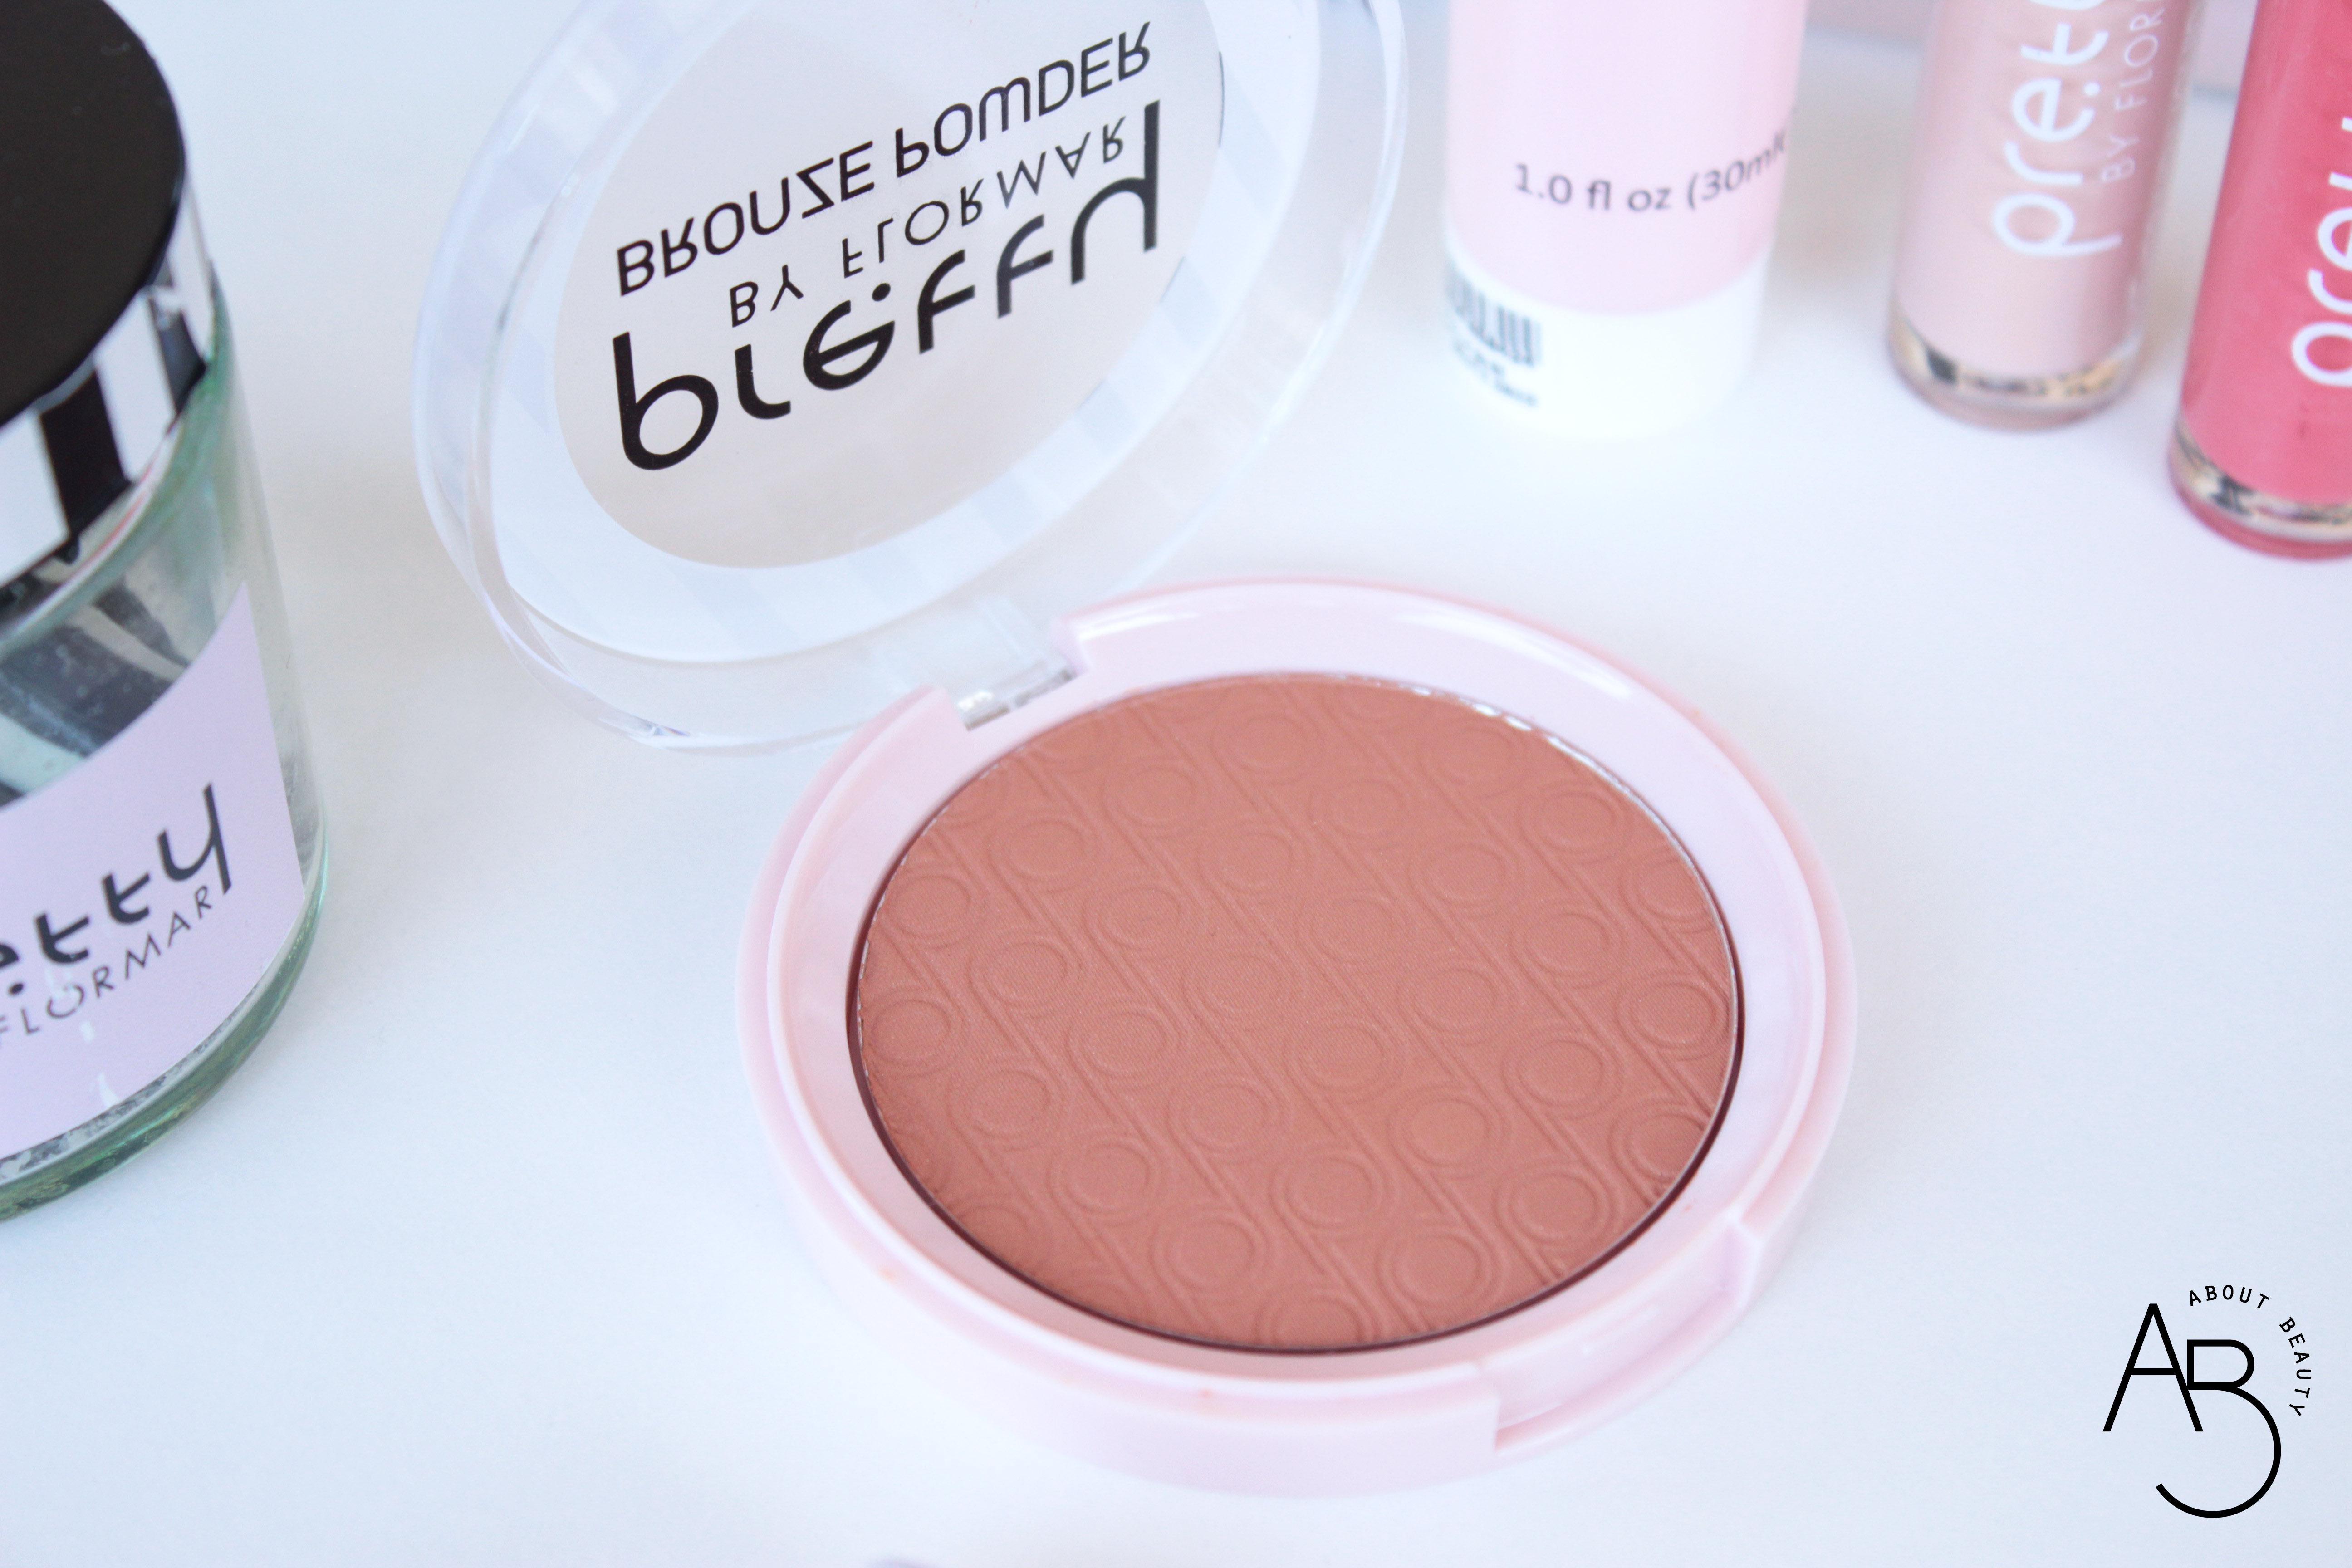 Pretty by Flormar, la nuova linea make-up low cost in esclusiva da OVS - Review, recensione, opinioni, dove acquistare, swatch - Terra Powder Bronzer e Baked Blush cotto